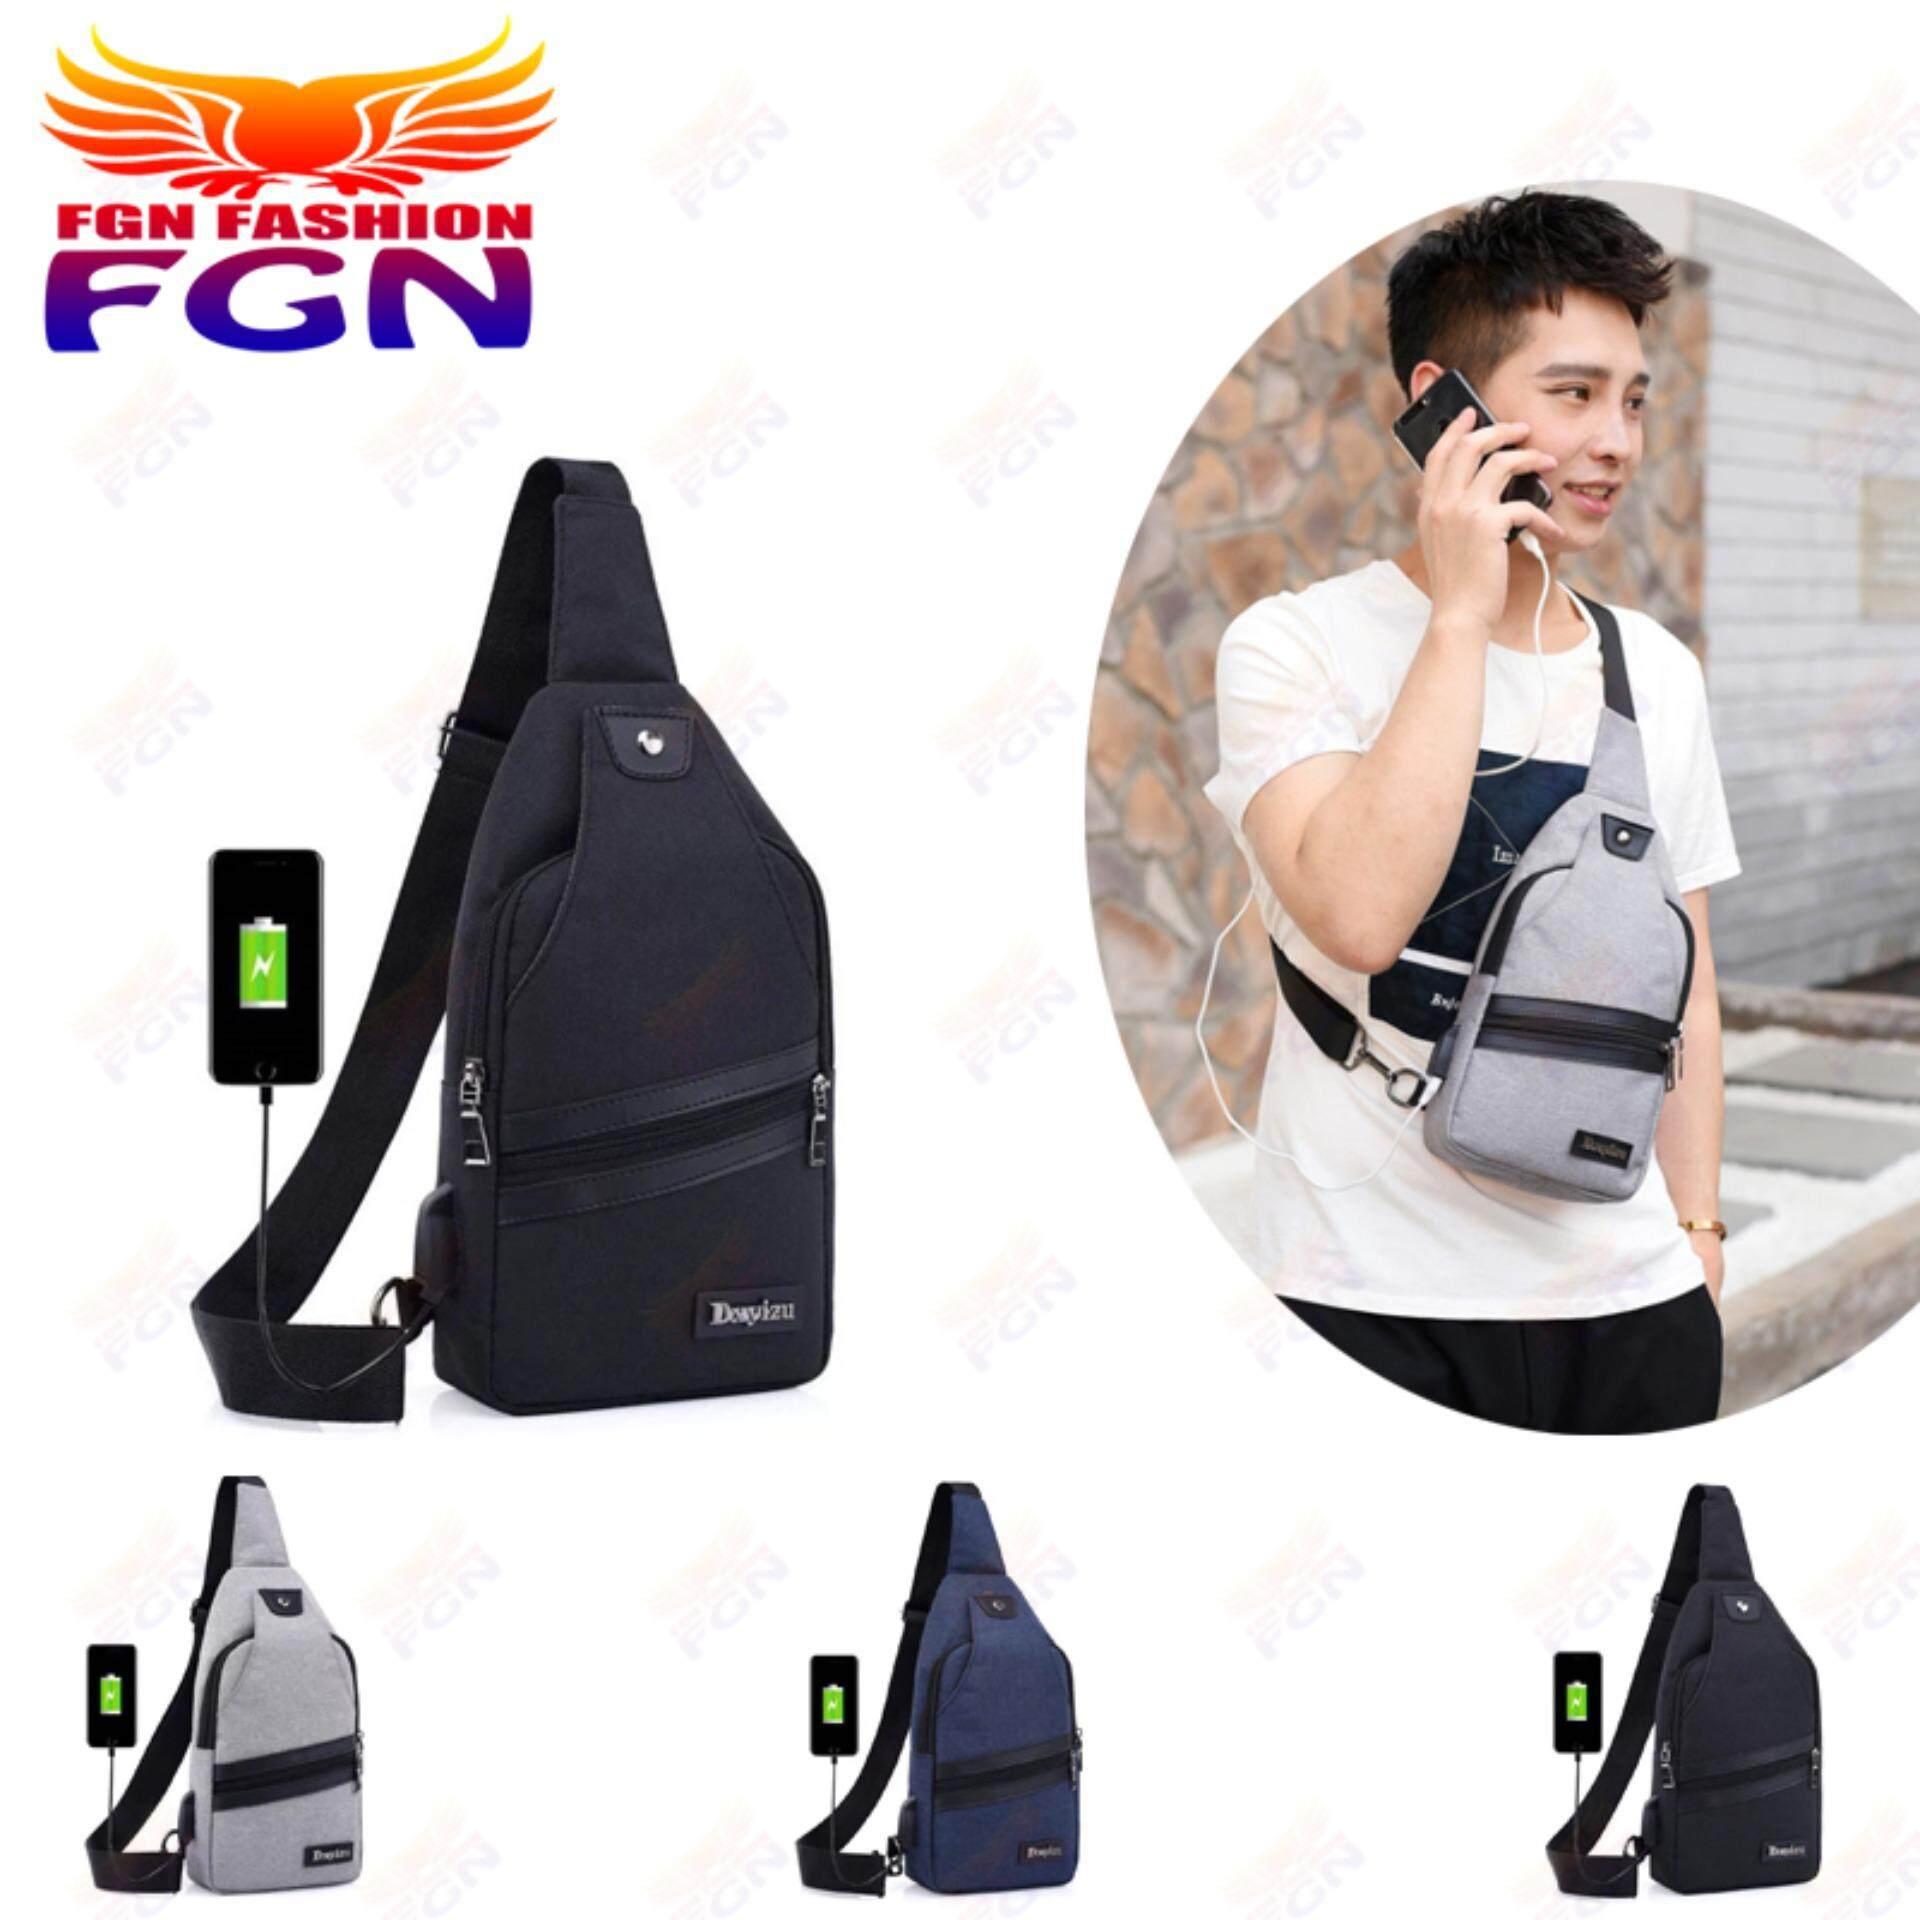 กระเป๋าถือ นักเรียน ผู้หญิง วัยรุ่น อุทัยธานี FGN วัยรุ่นผู้ชาย ยู เอส บี แบบหน้าอก กระเป๋าเป้ใบเล็ก USB Fashion Bag เบ็ตเตล็ด FGN 081(สีดำ)